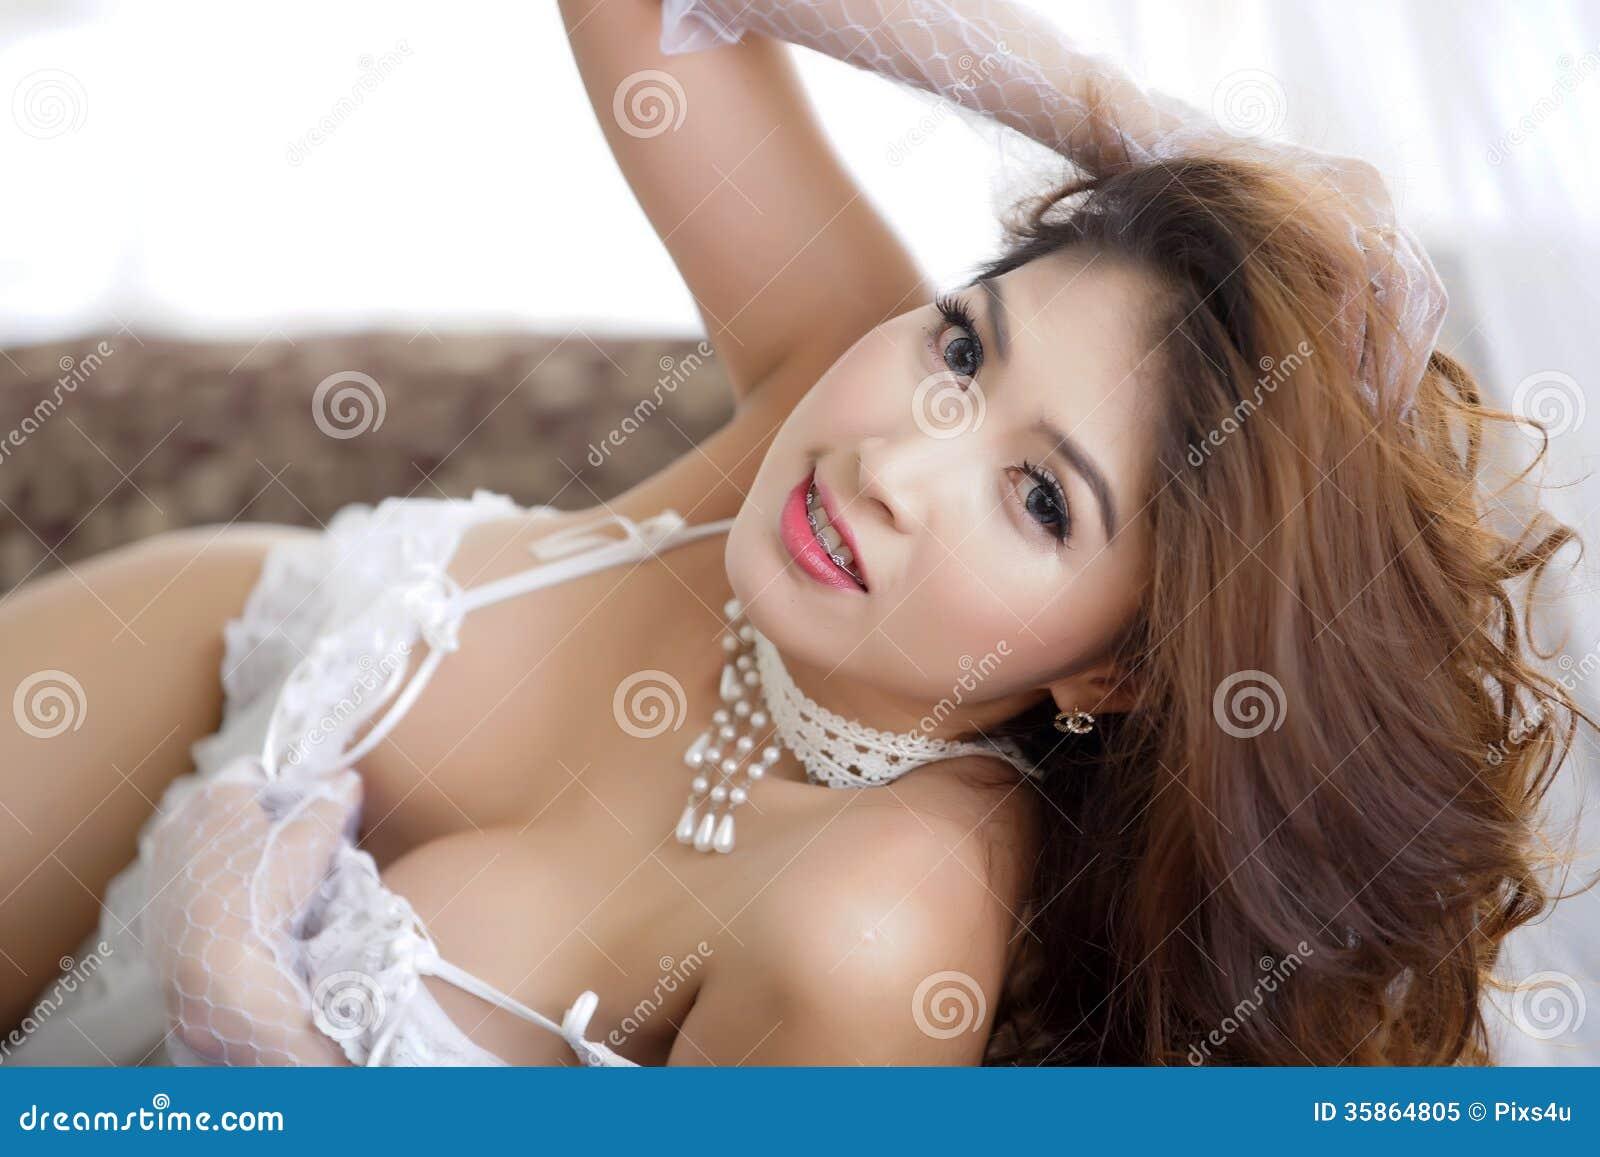 Asiatique sexe photoes